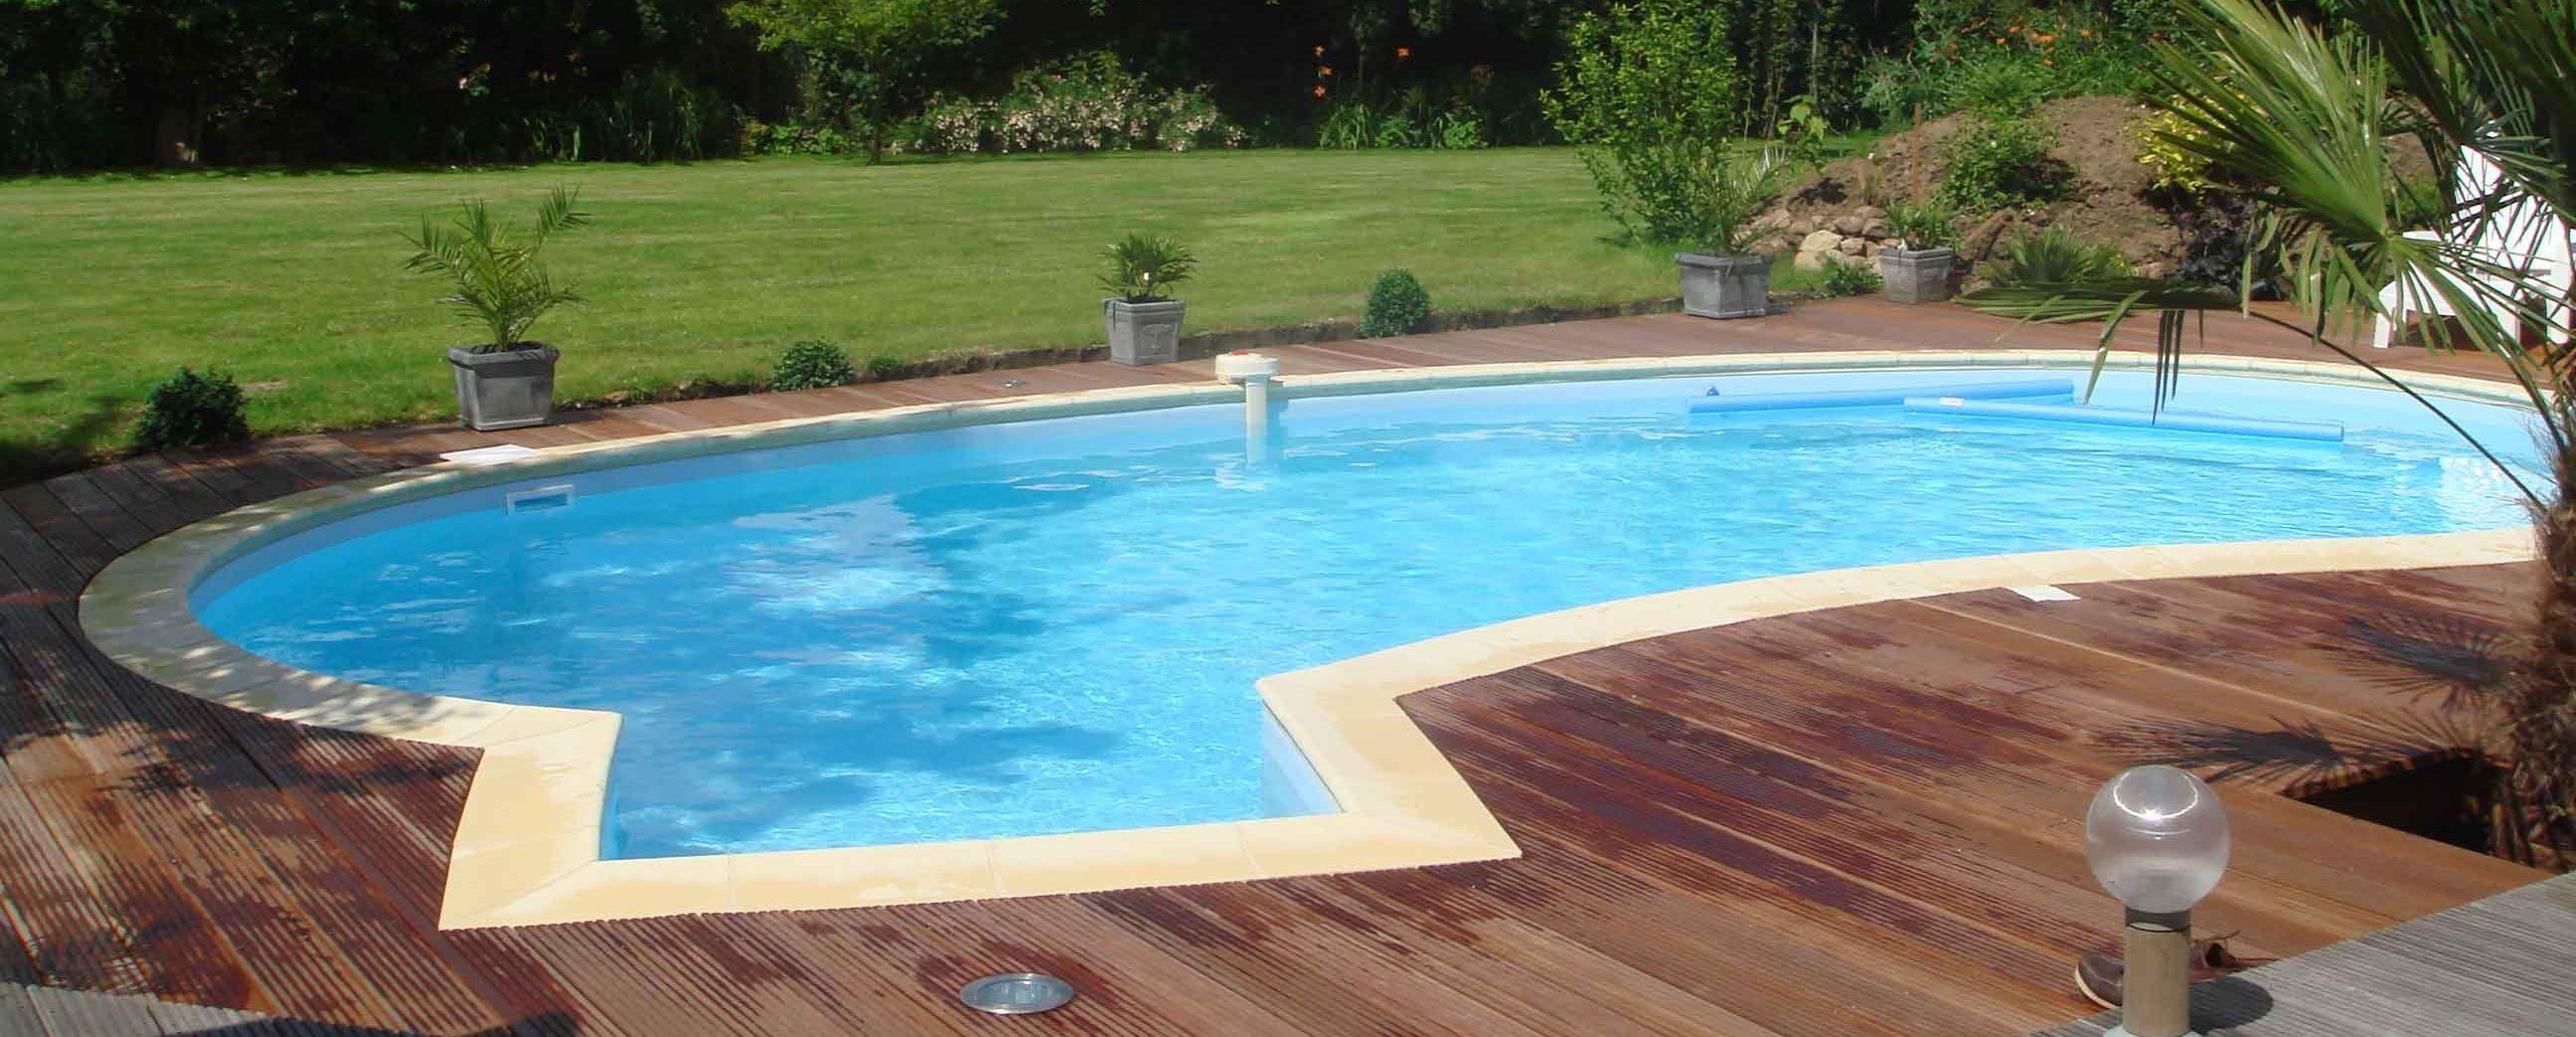 Alarme de piscine AQUALARM, mise en sécurité des bassins